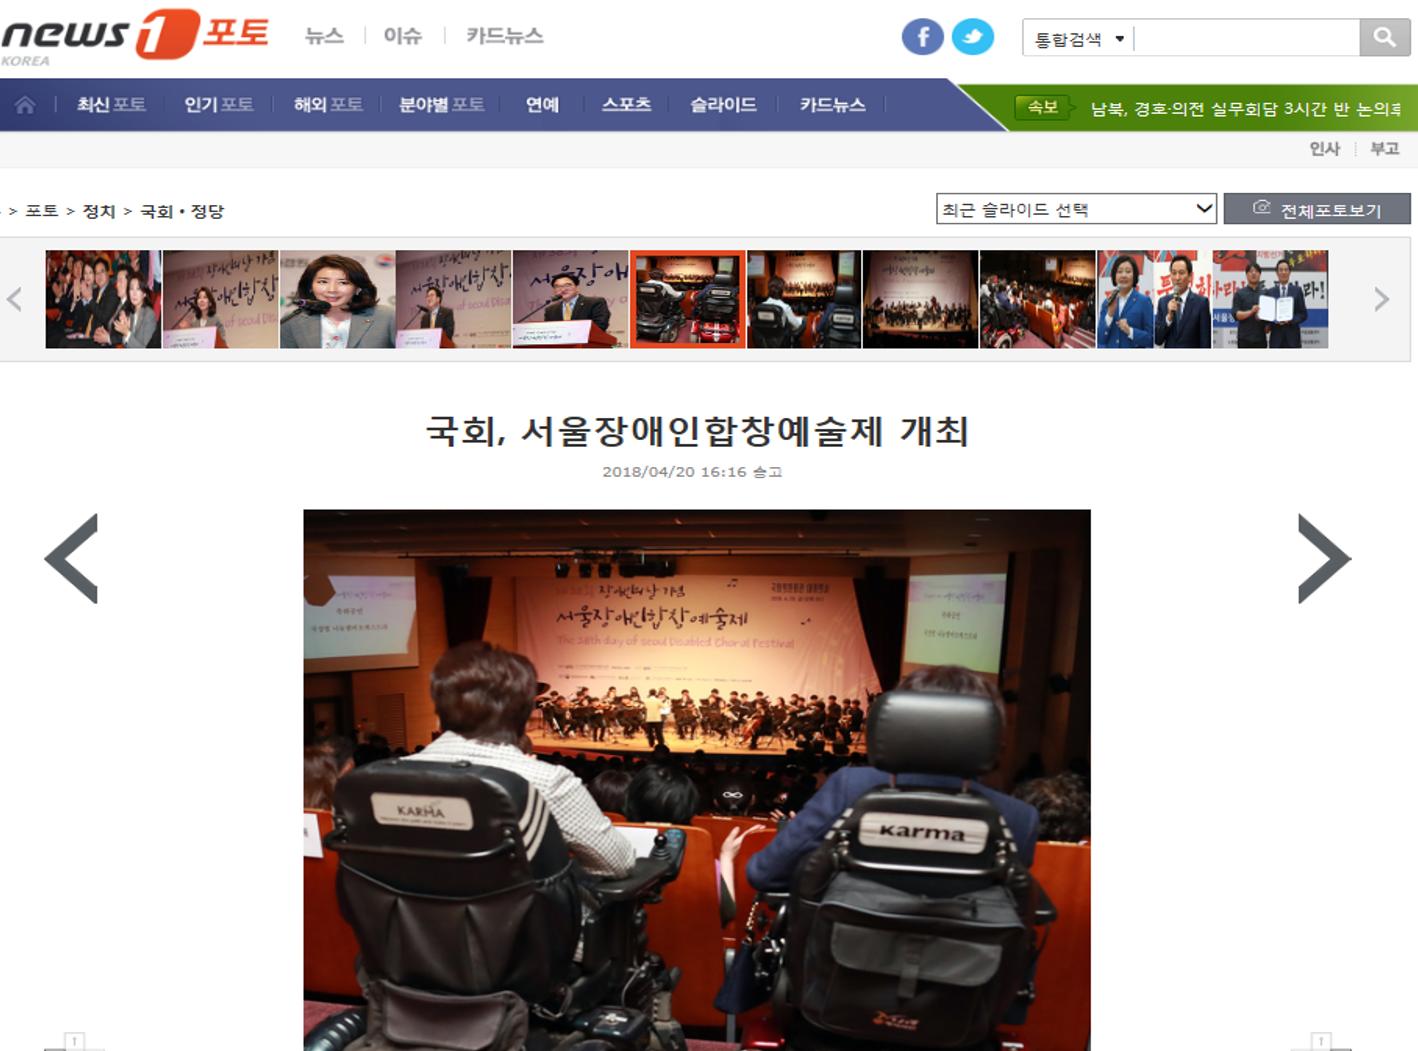 뉴스1포토- 국회, 서울장애인합창예술제 개최.png